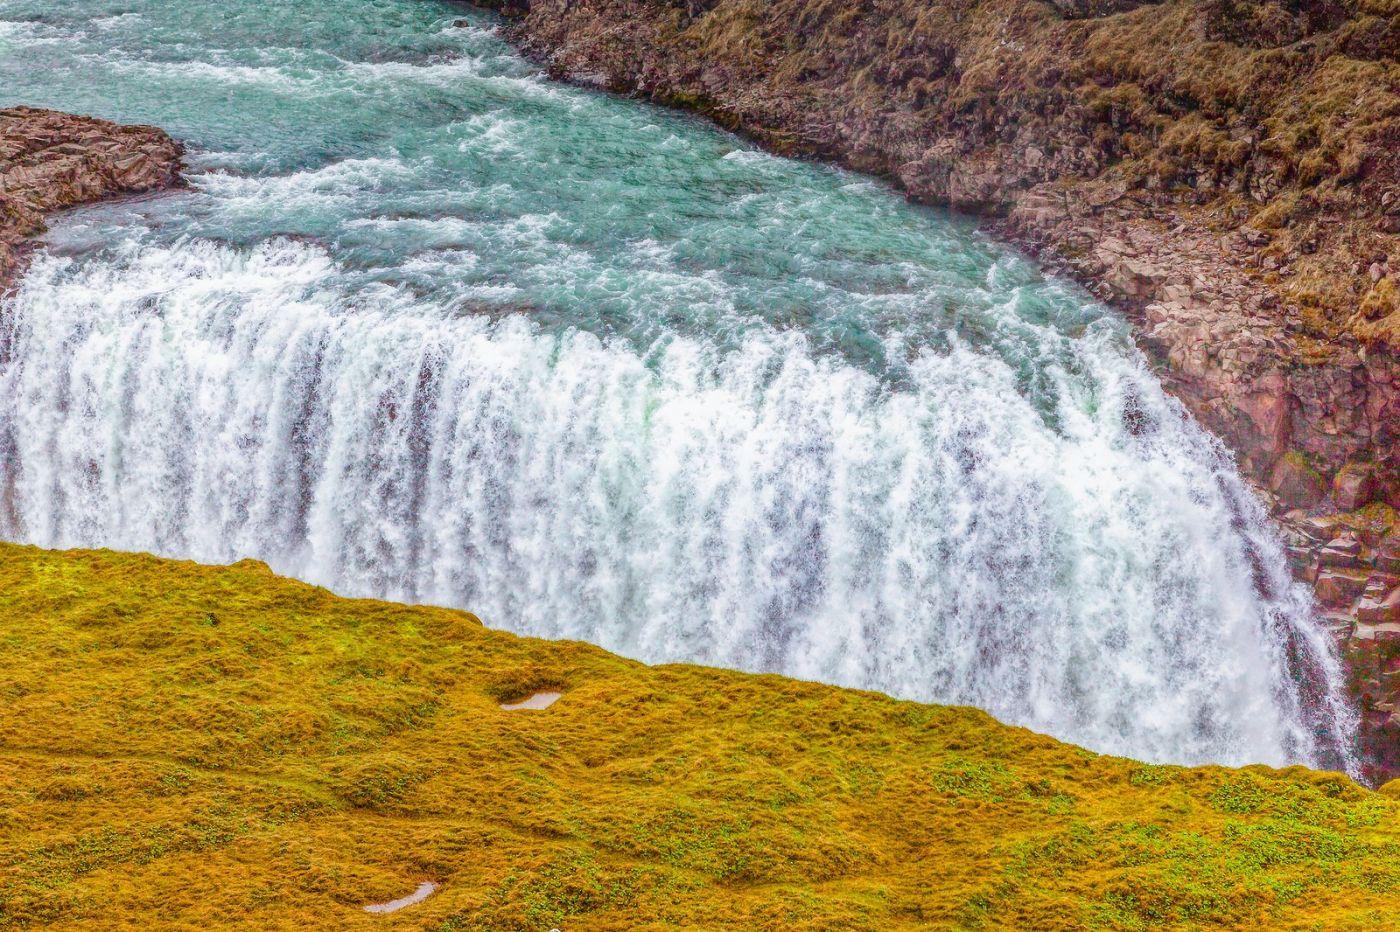 冰岛古佛斯瀑布(Gullfoss),气势磅礴_图1-3